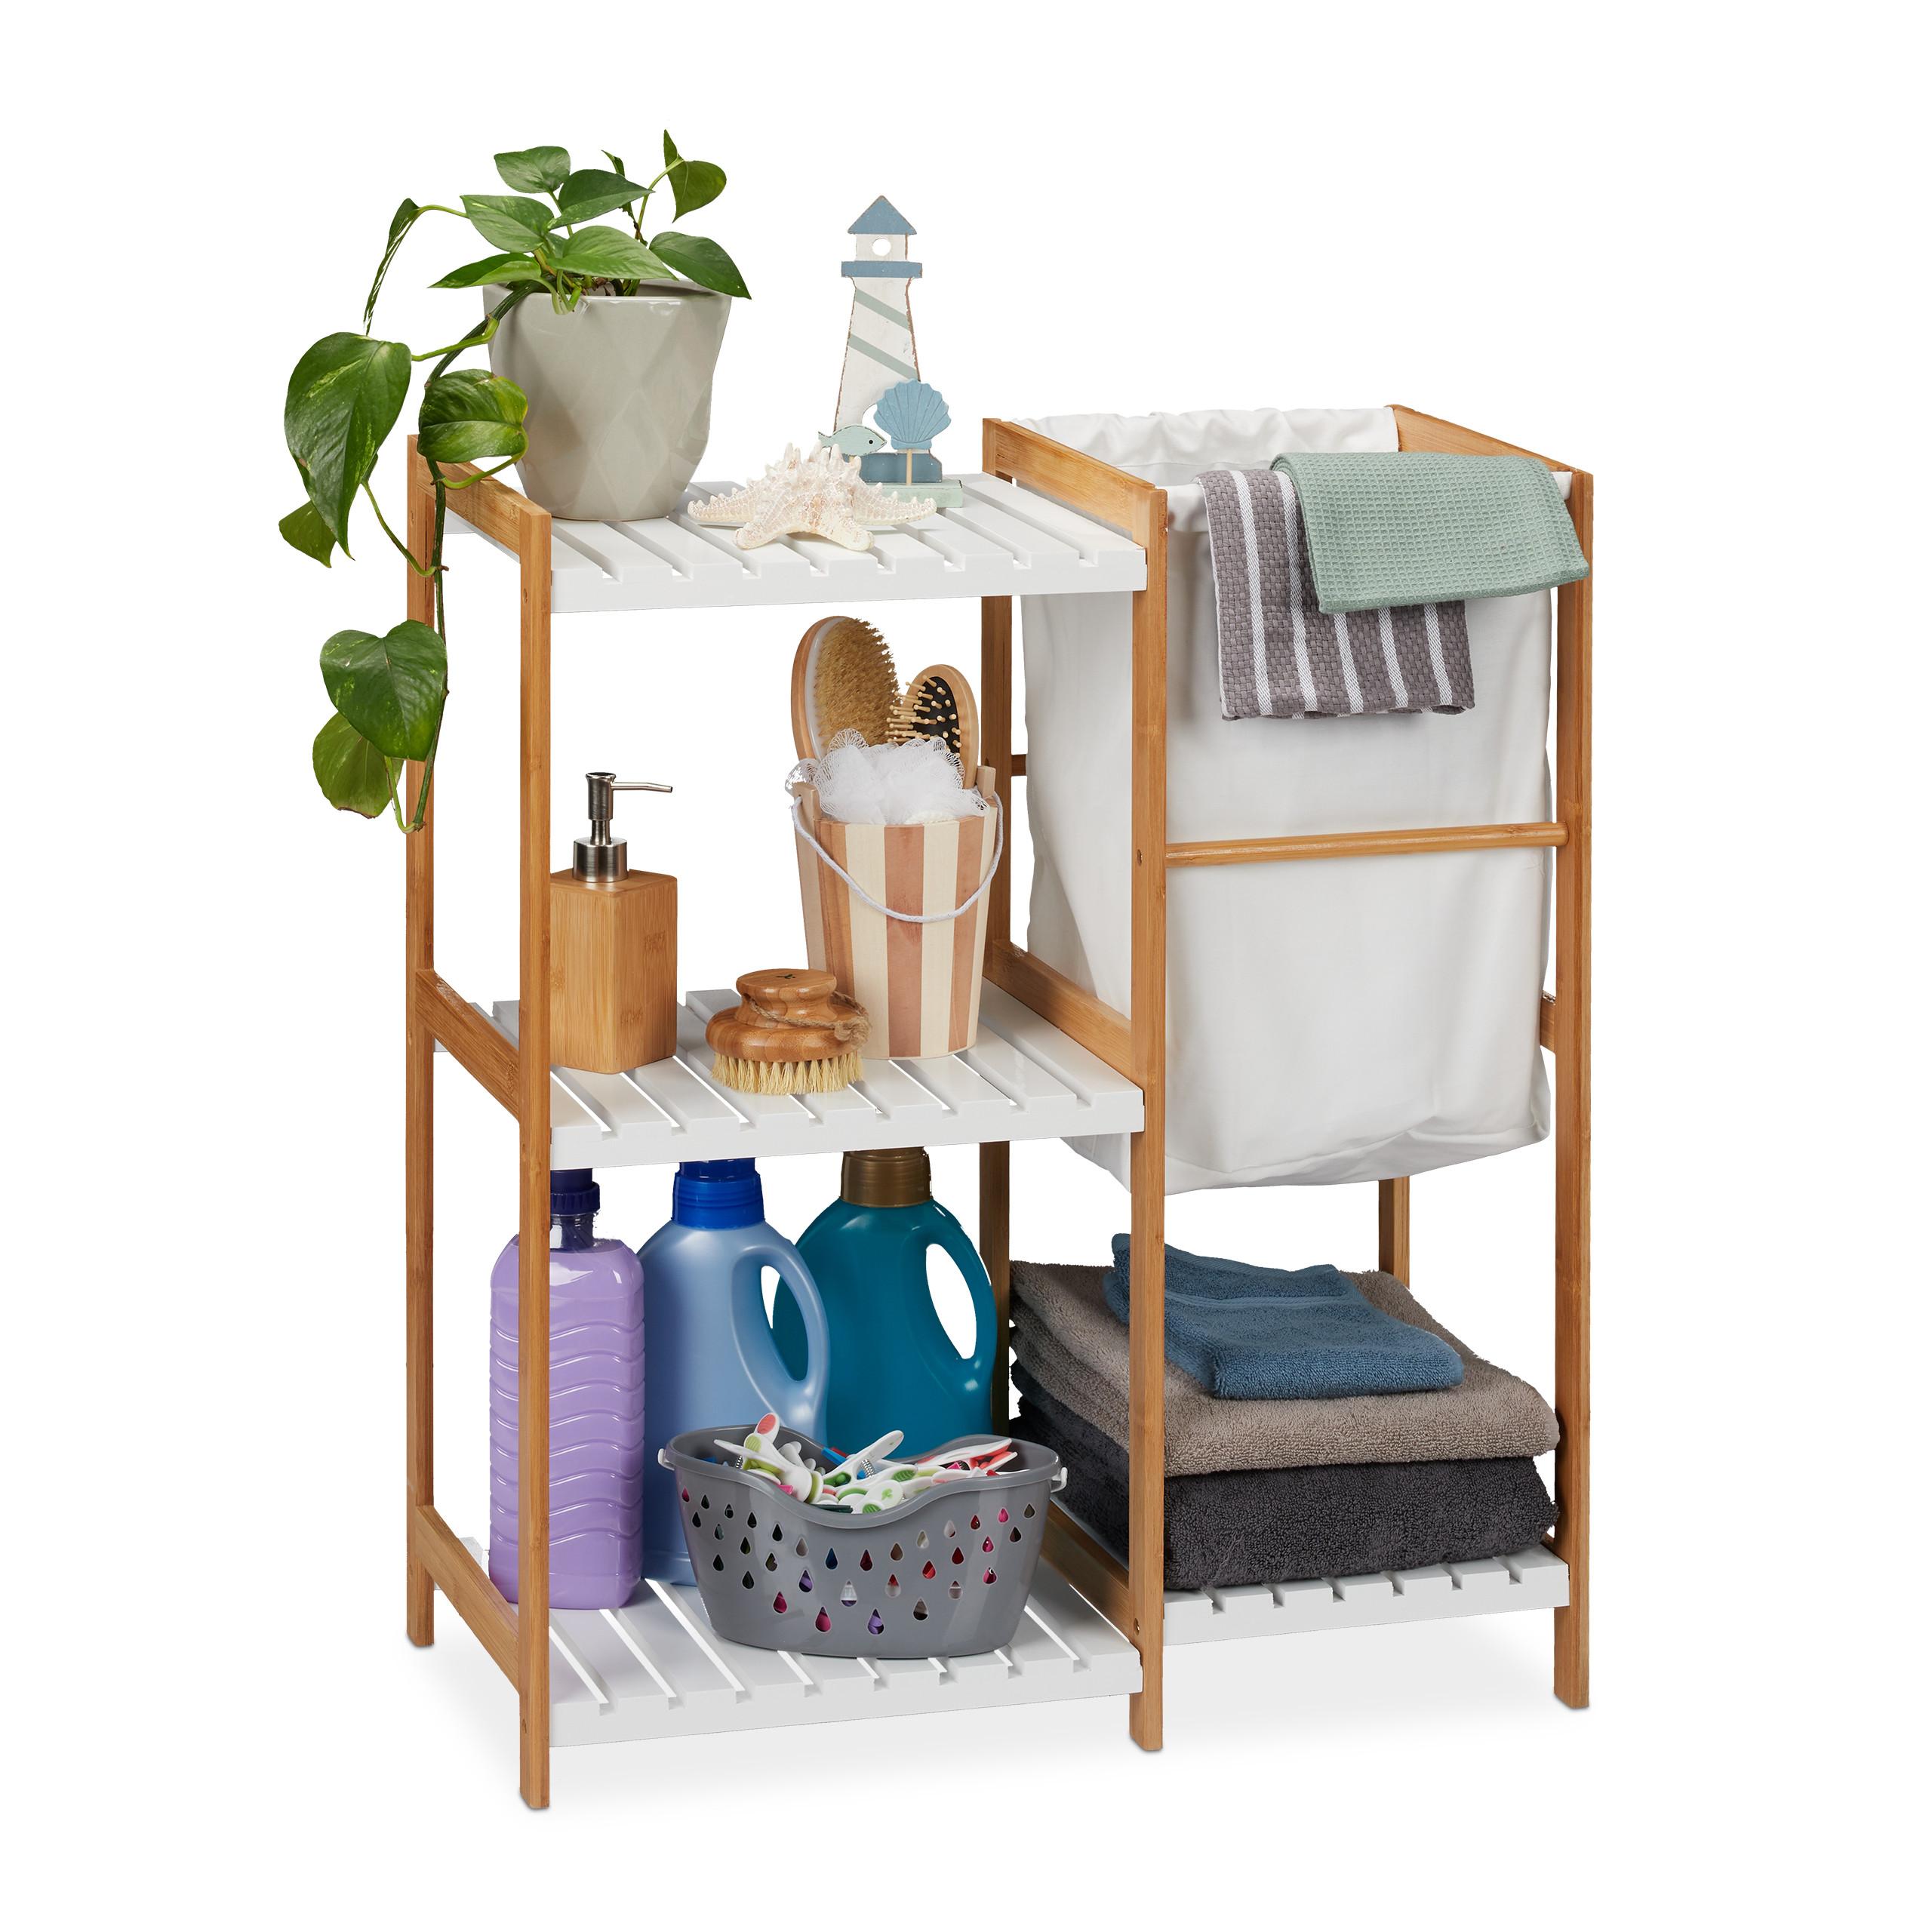 badregal mit wäschekorb regal wäschesammler bambusregal